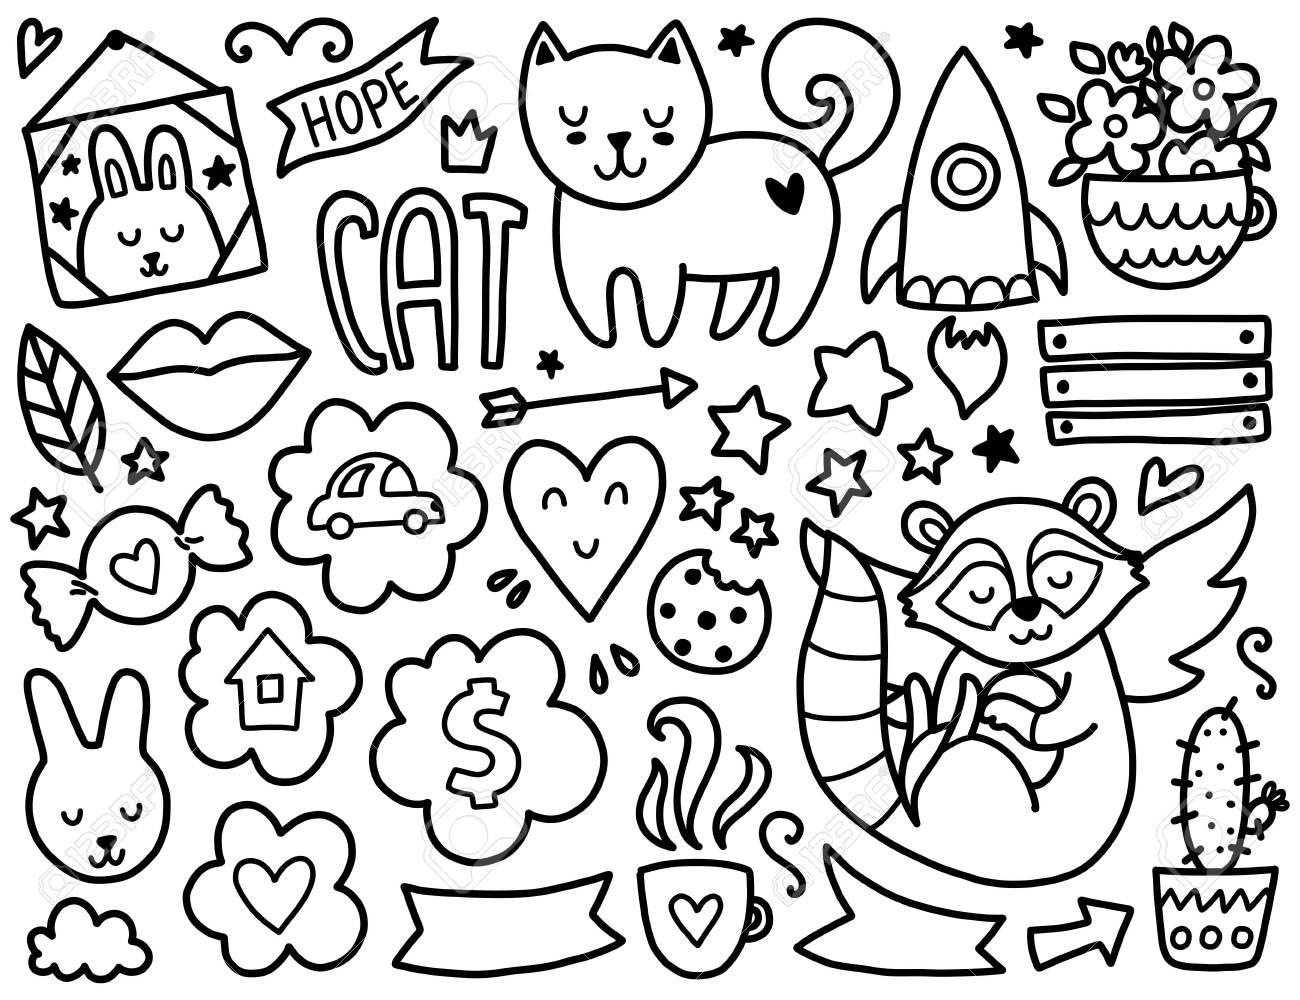 Doodles Elementos Lindo Colorear Vector Negro Ilustración Con Corazones Y Flores Animales Y Café Las Nubes Y Estrellas Diseño Para Las